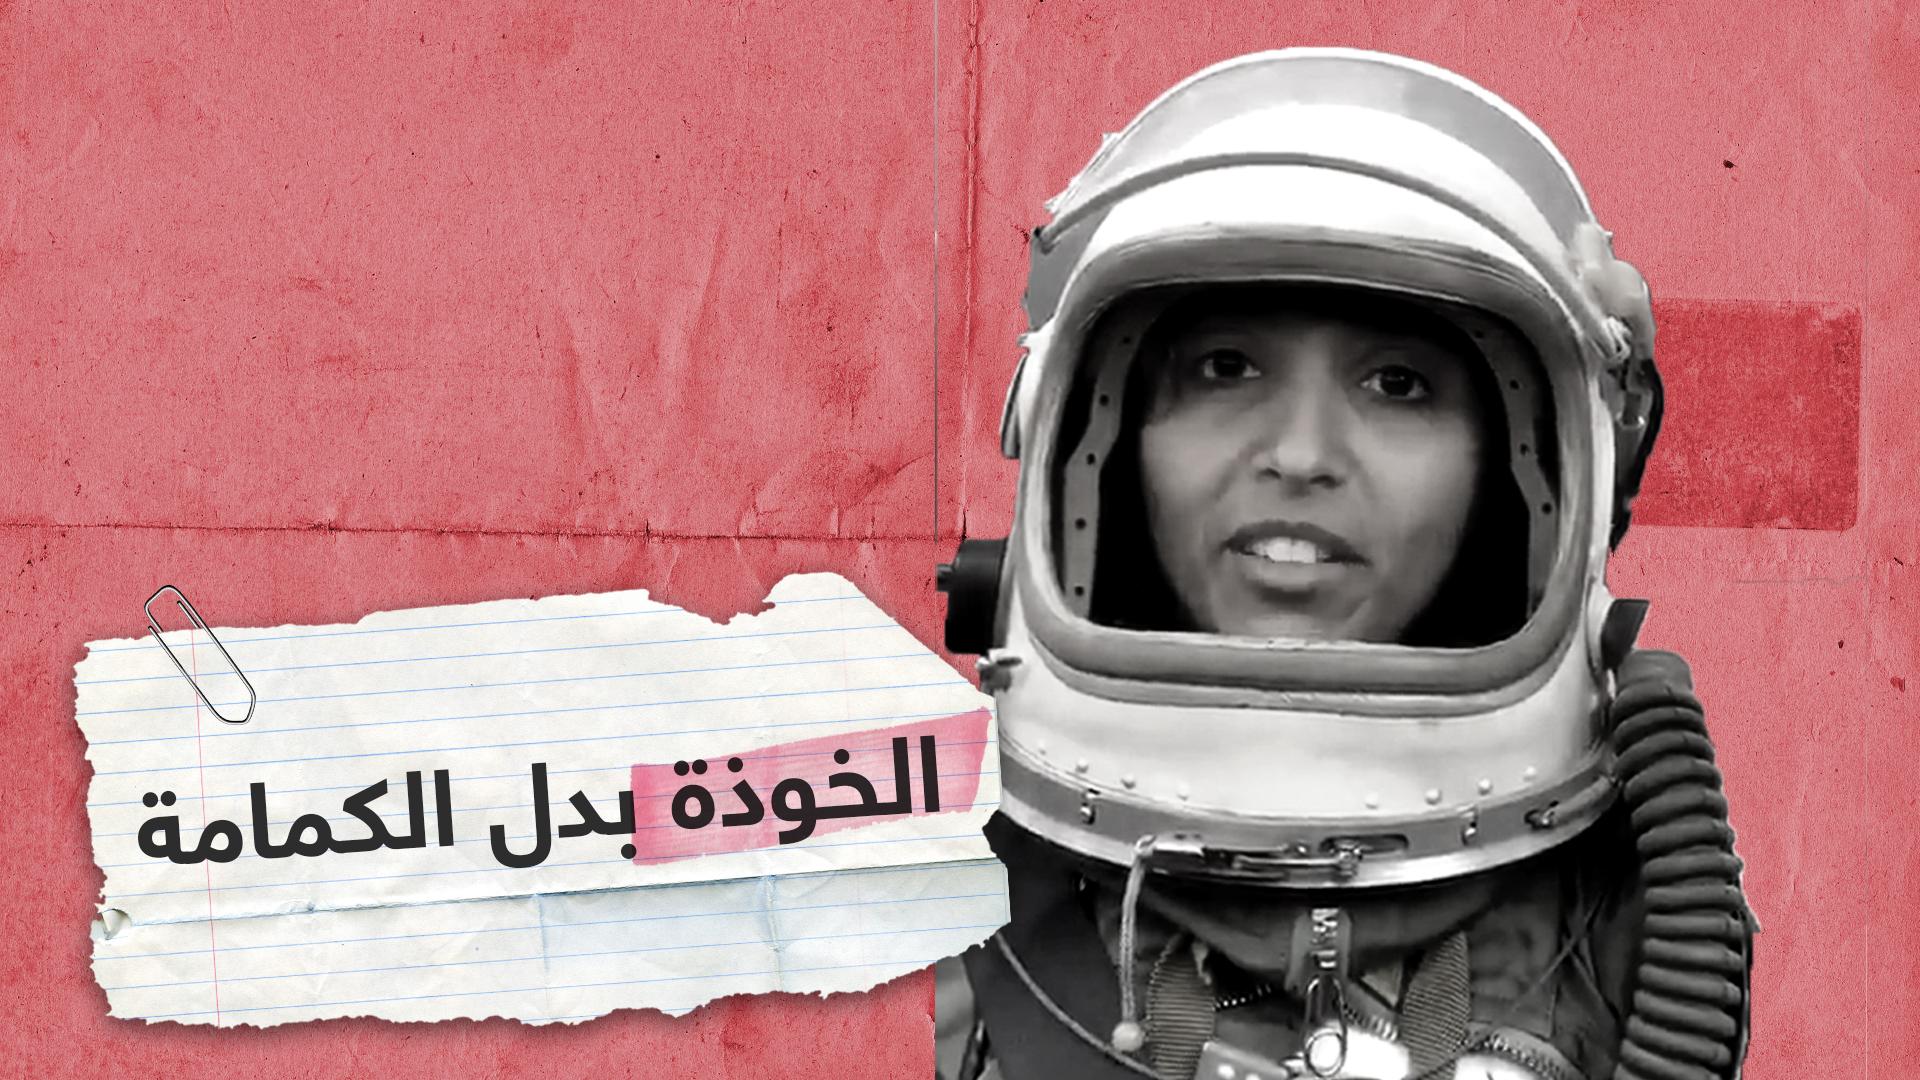 مهندسة سعودية تستخدم خوذة رواد الفضاء بدلا من الكمامات!